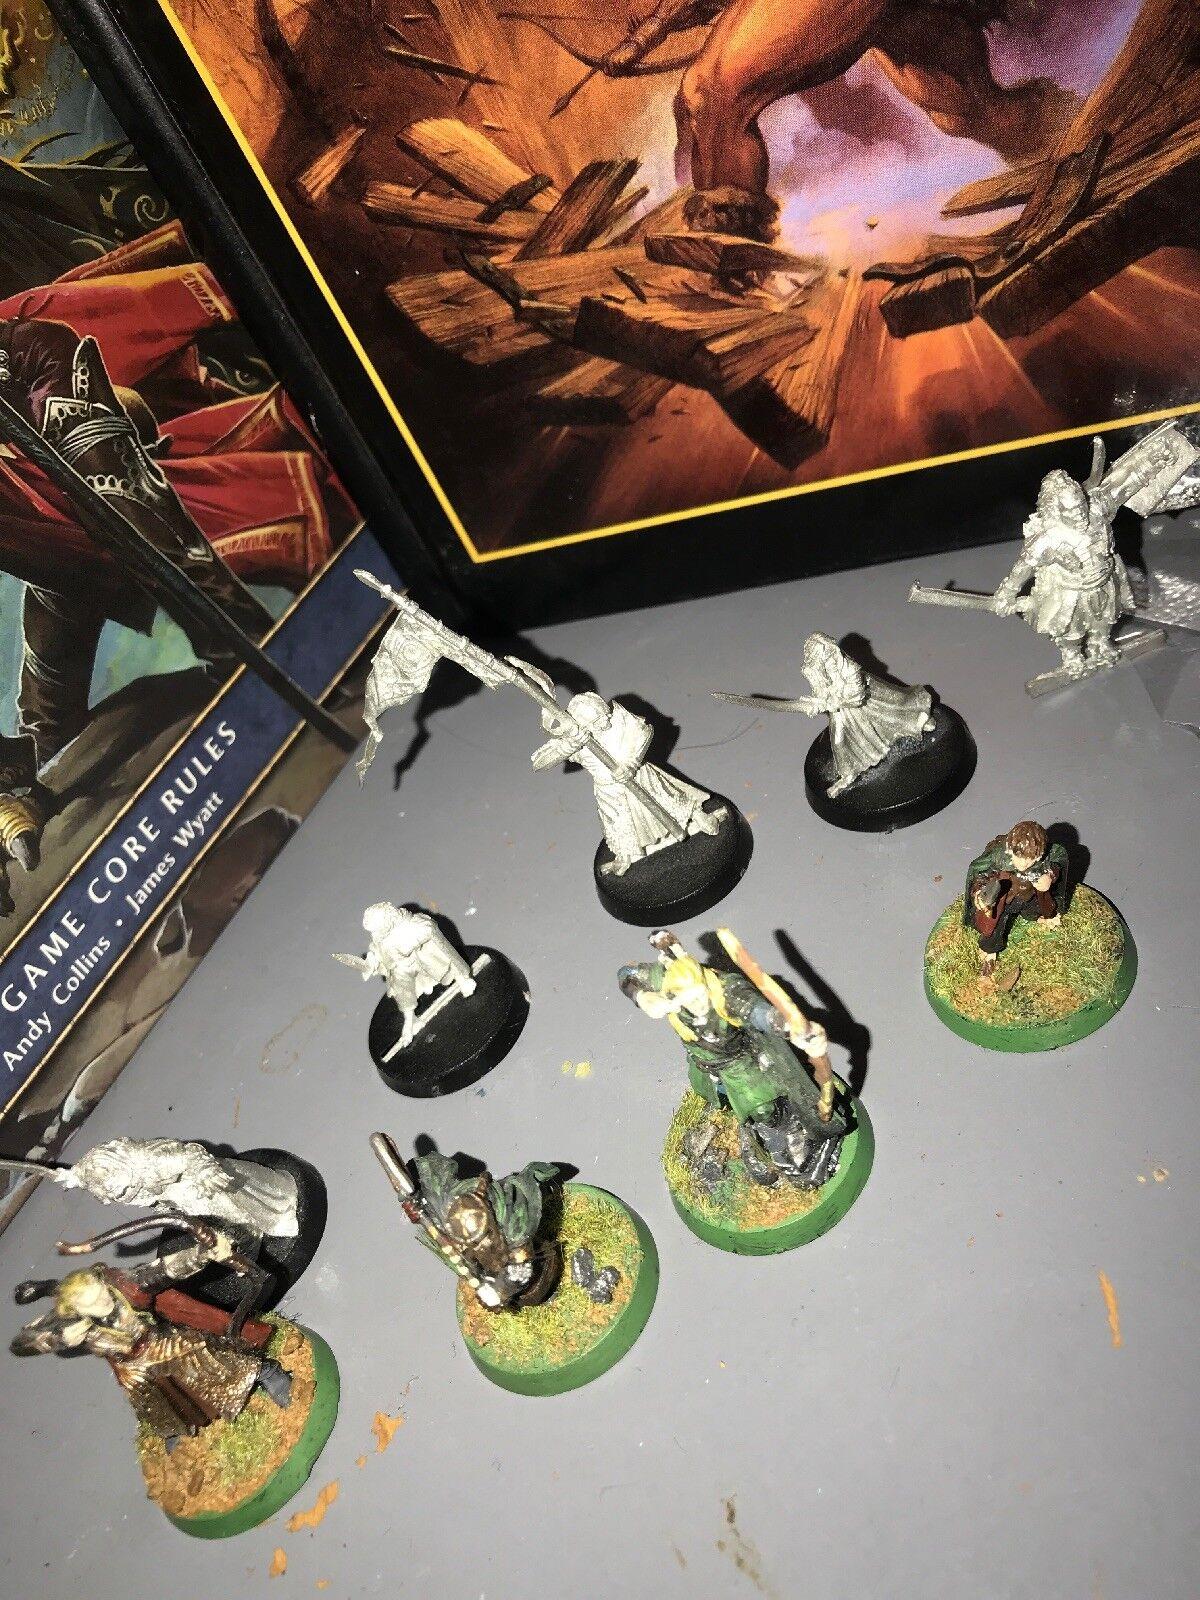 Juegos workshop señor de los Anillos héroes figuras de metal Paquete Frodo Legolas Etc